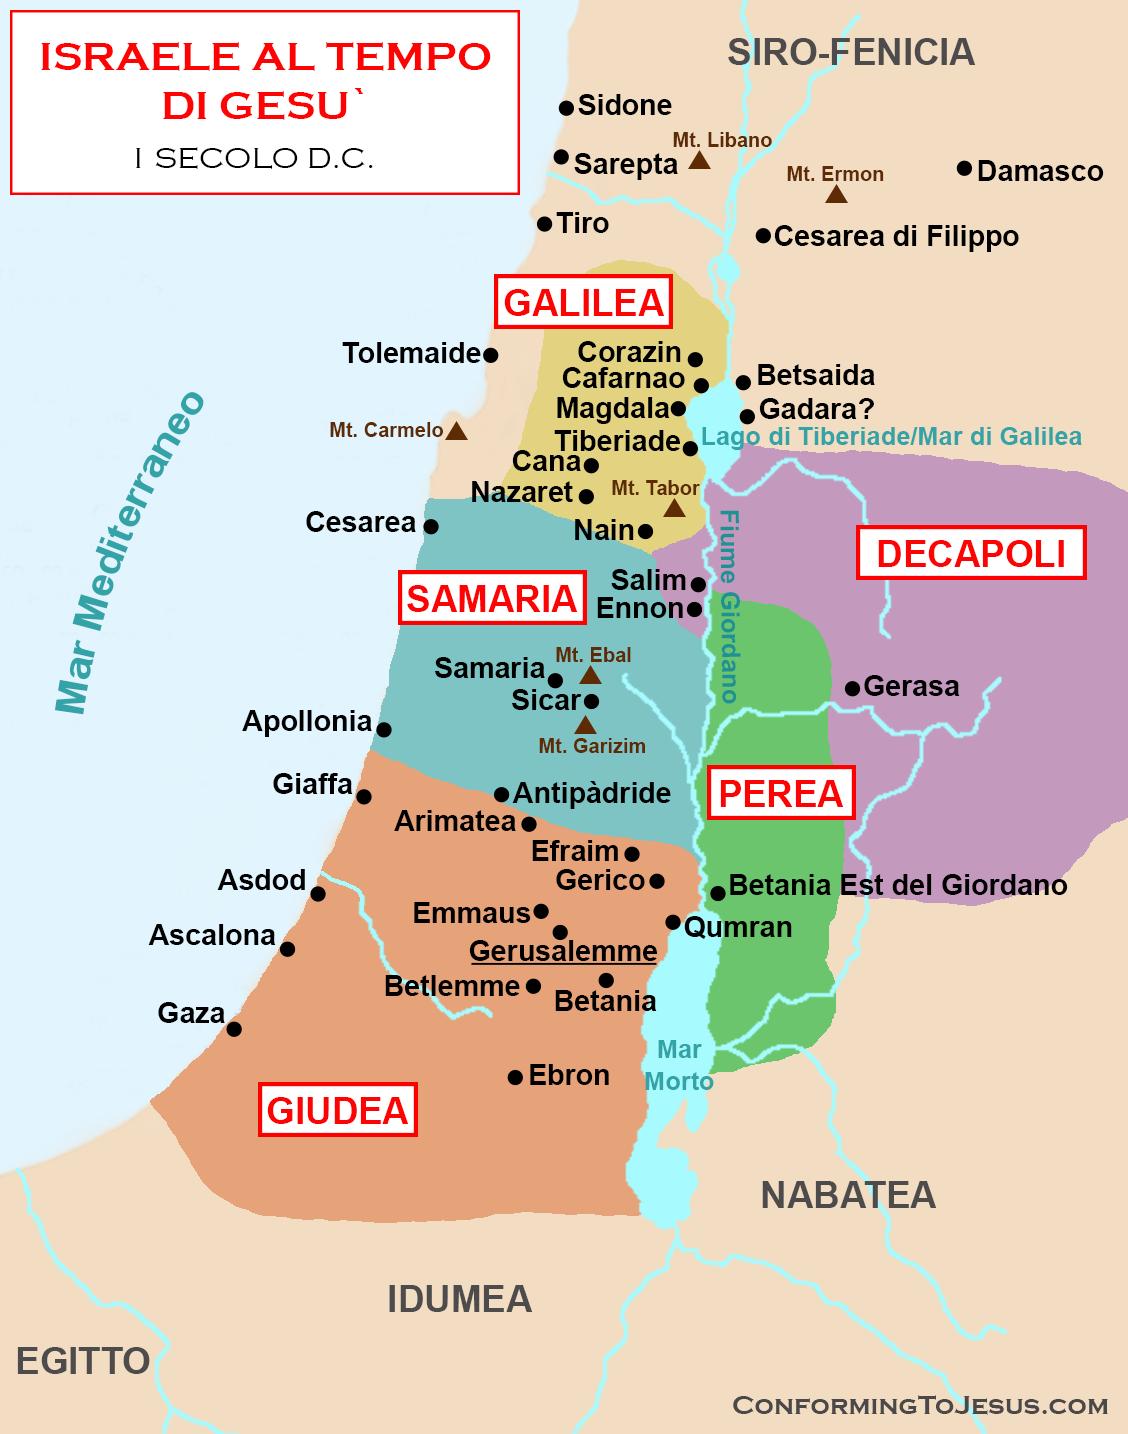 Cartina Politica Palestina.Mappa E Storia Di Israele Al Tempo Di Gesu Cristo